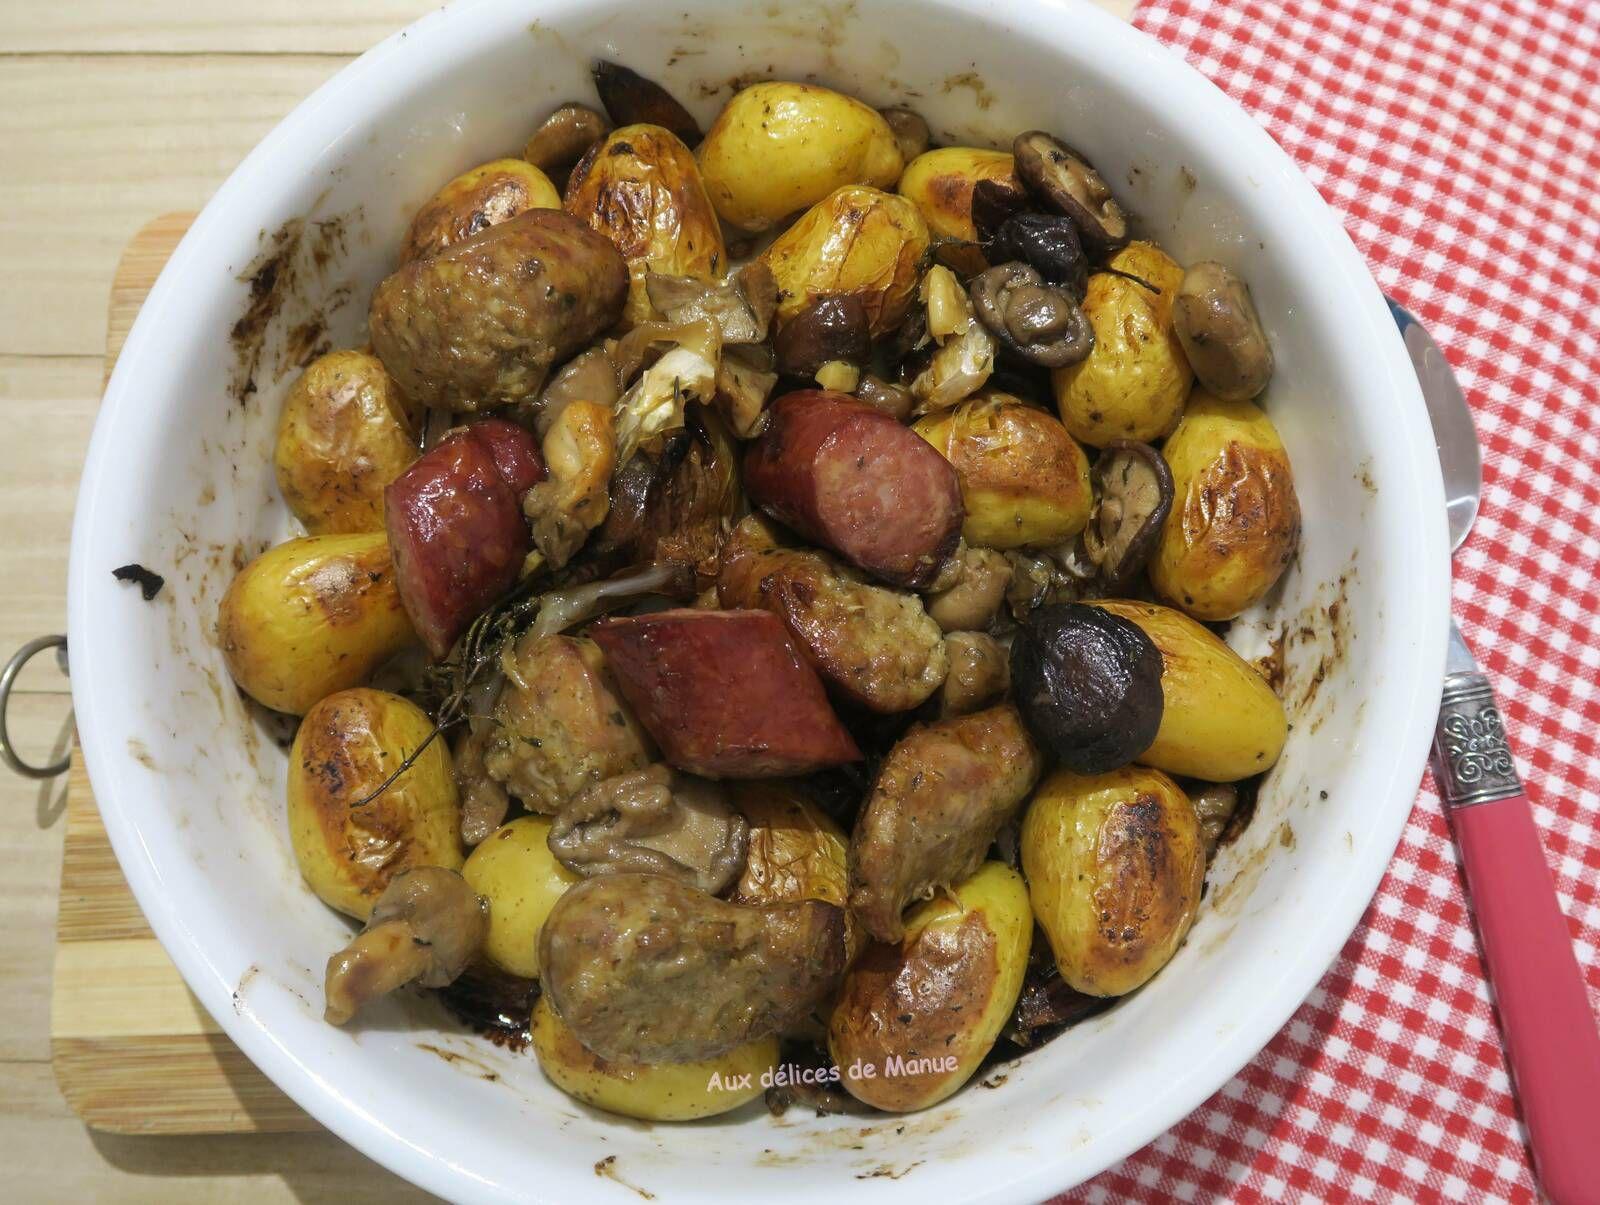 Pommes de terre grenailles a la saucisse au couteau et diot de savoie aux champignons